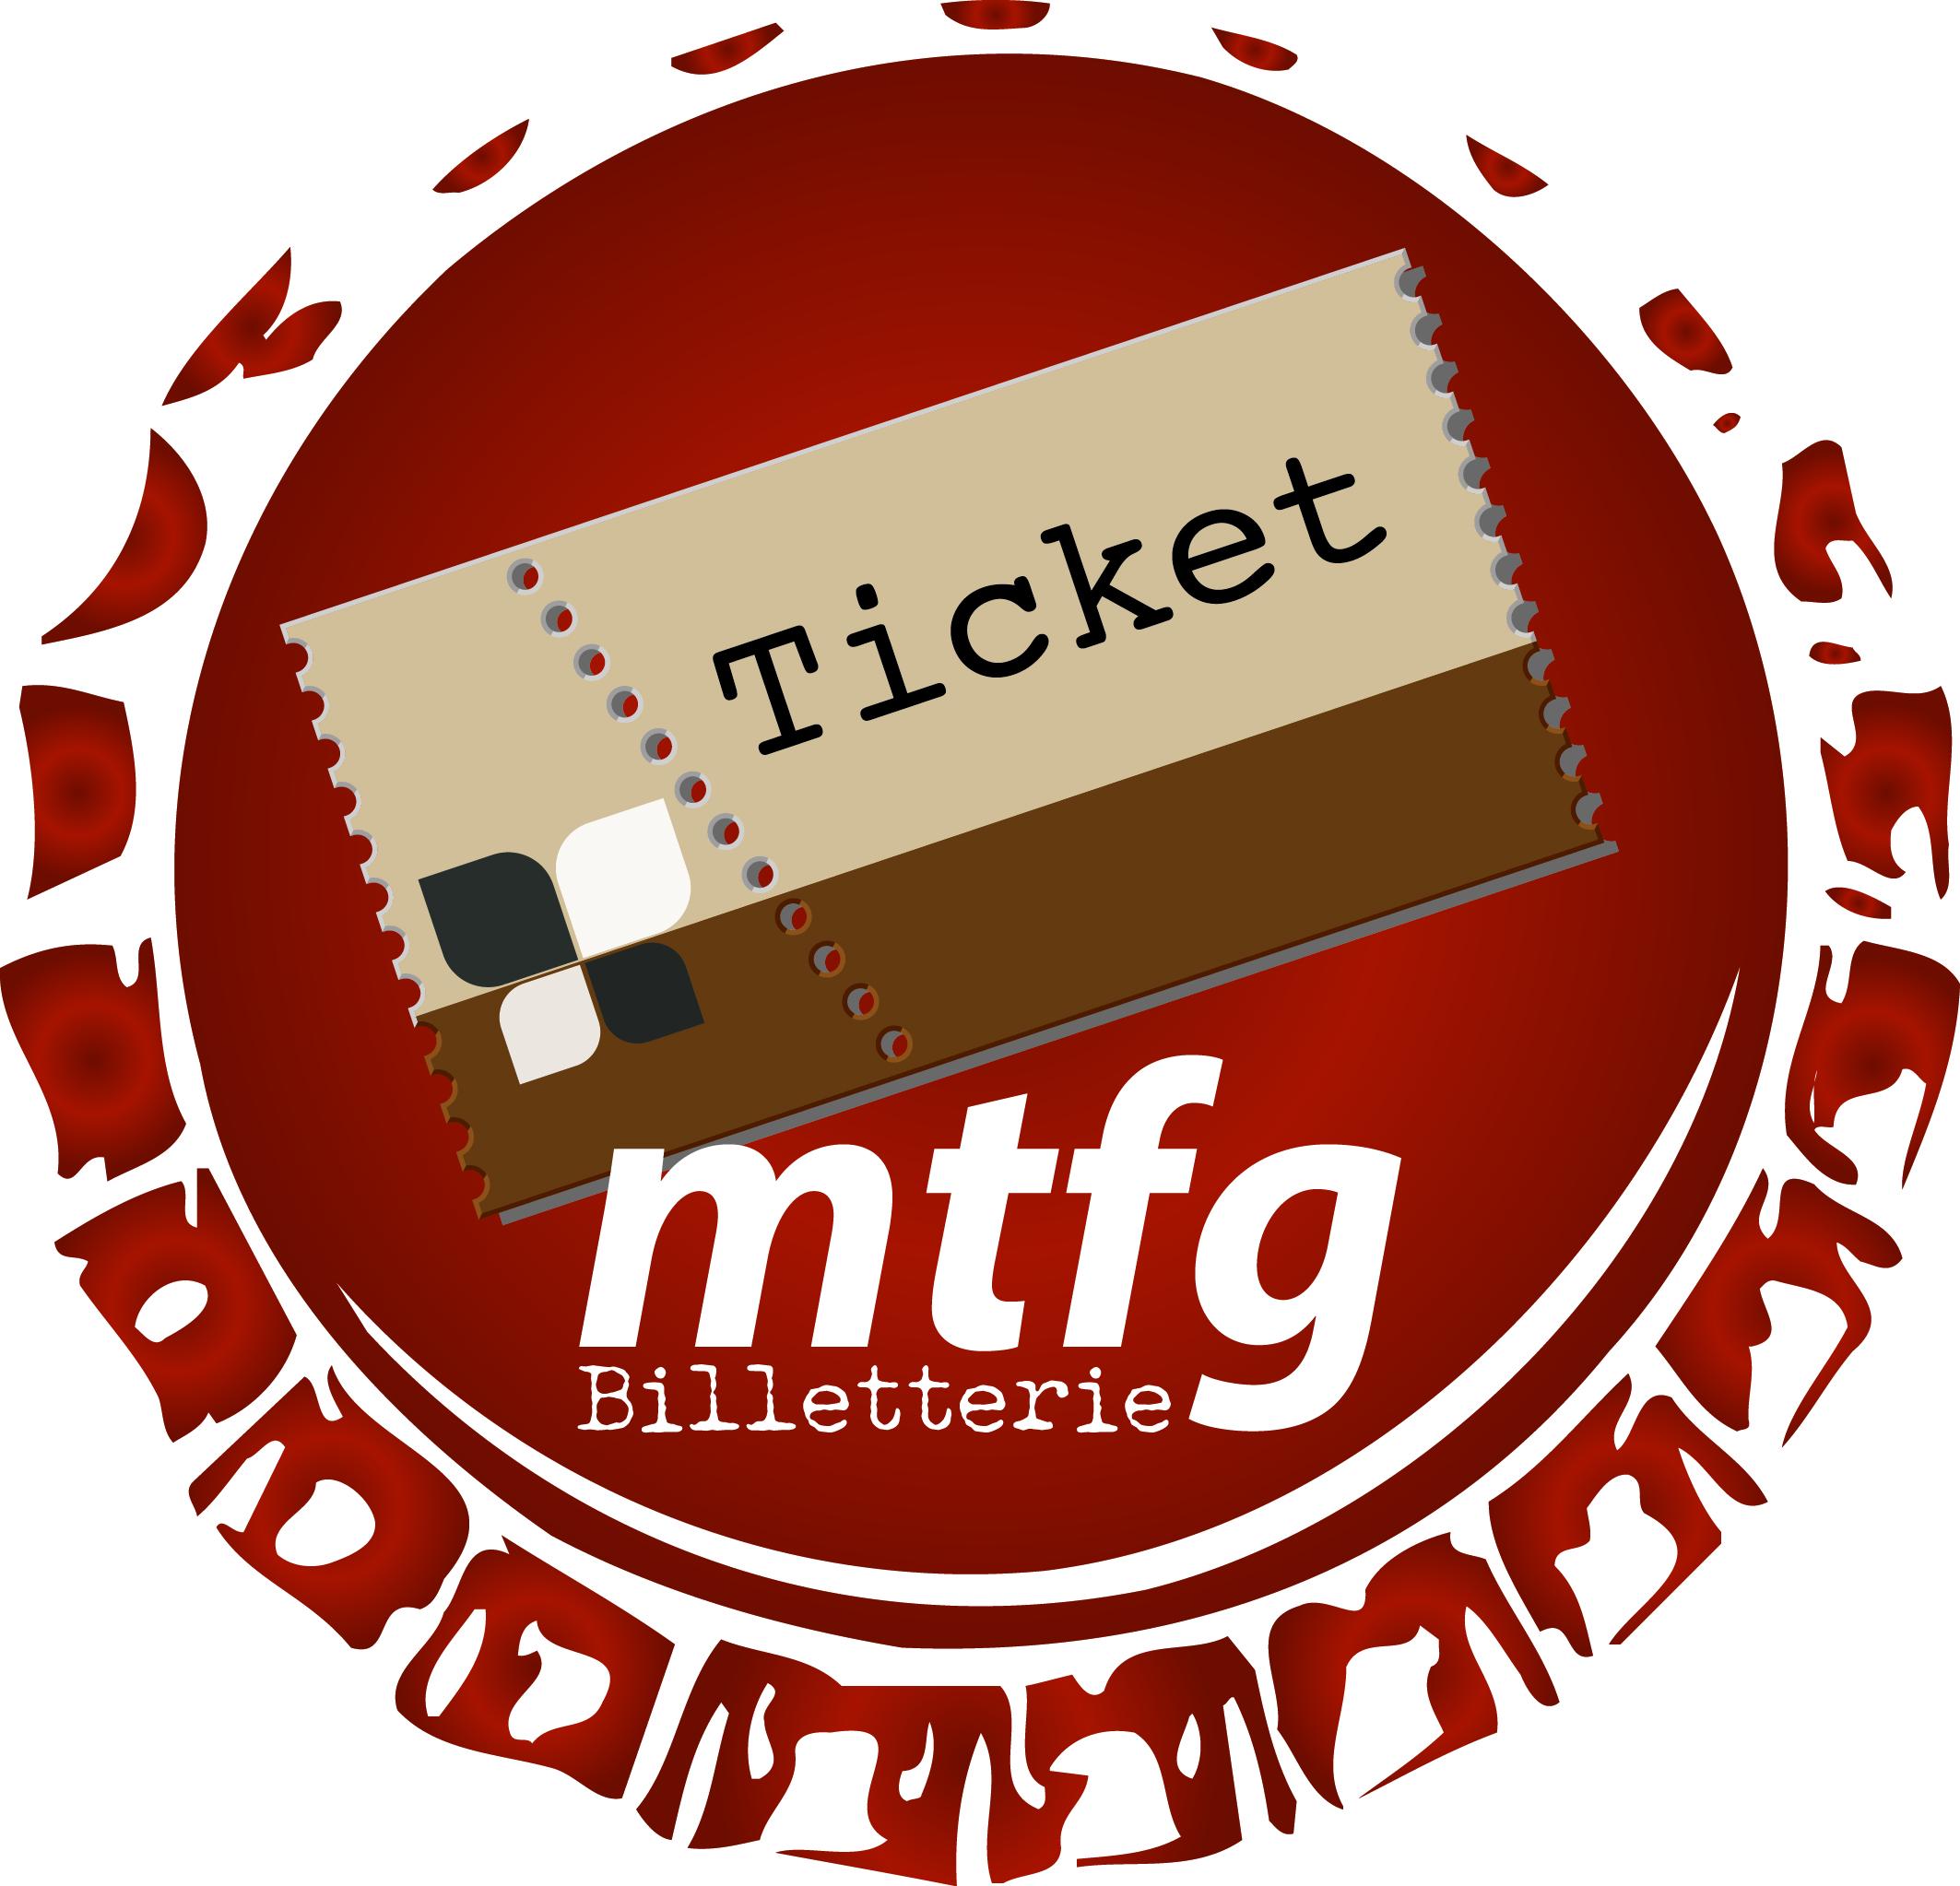 MTFG Billetterie